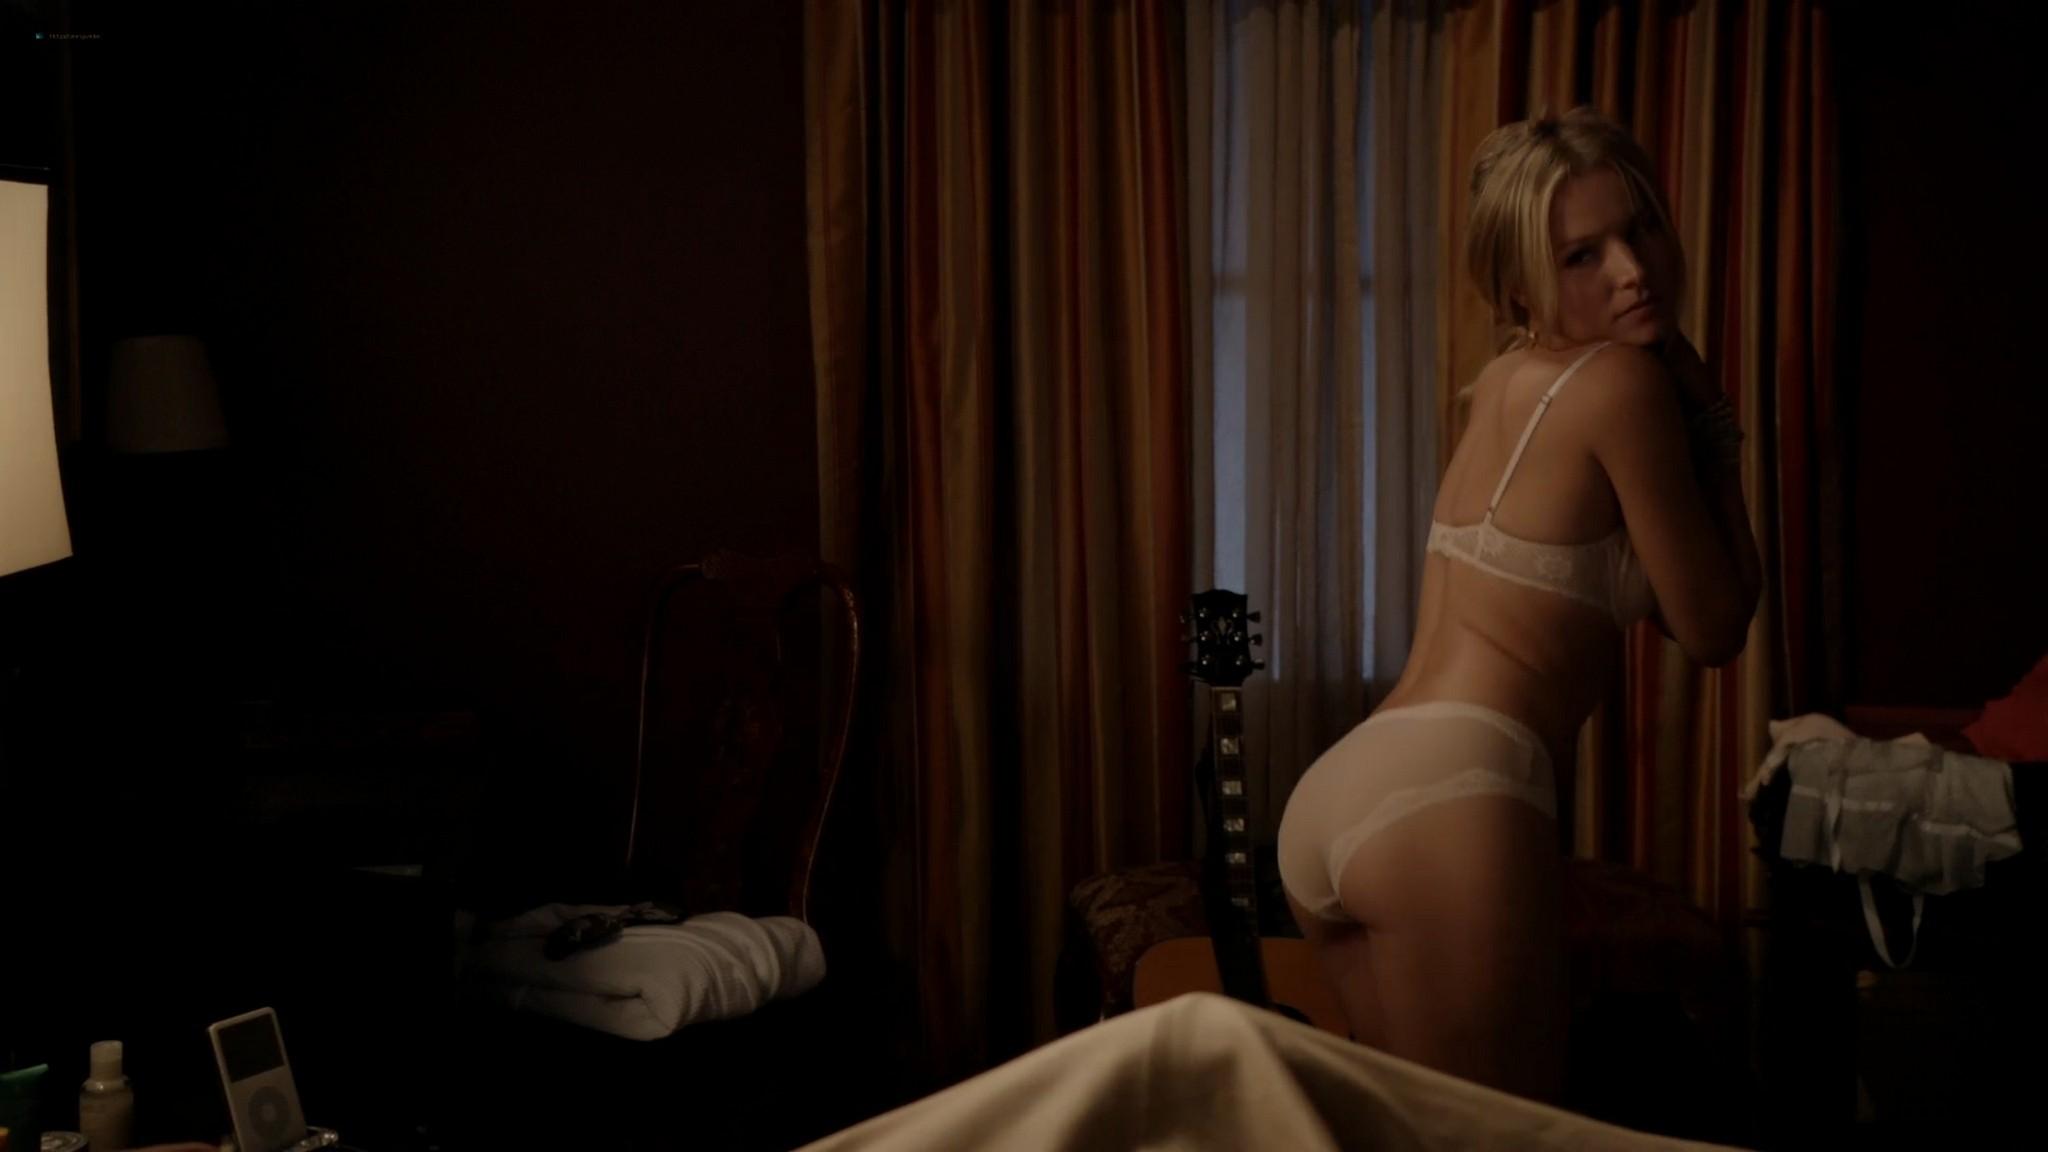 Kristen Bell hot sex Amy Landecker nude boobs House of Lies 2012 s1e3 4 1080p Web 12